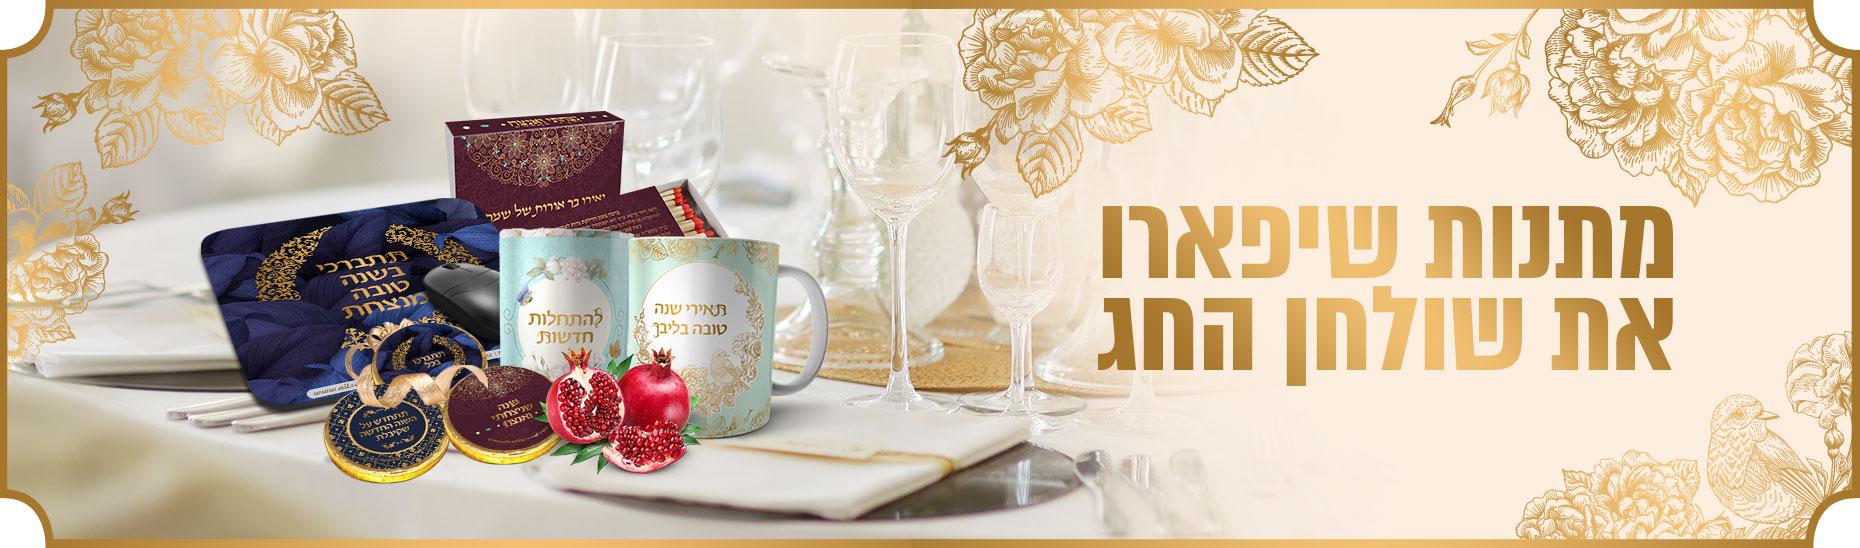 ראש השנה - מתנות לחג